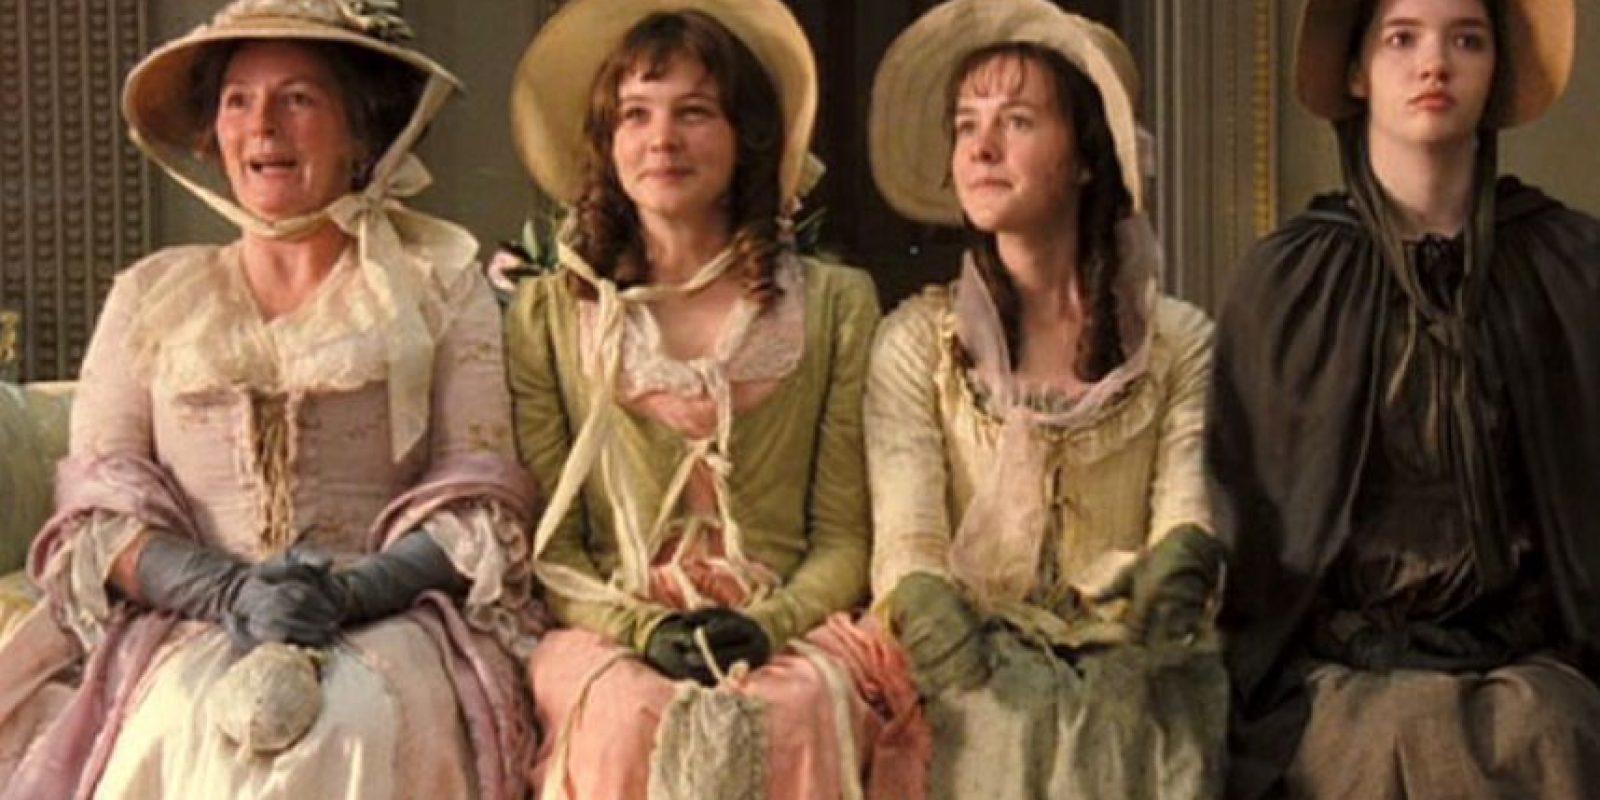 El reparto contó con actrices que hoy son grandes estrellas. Foto:vía StudioCanal